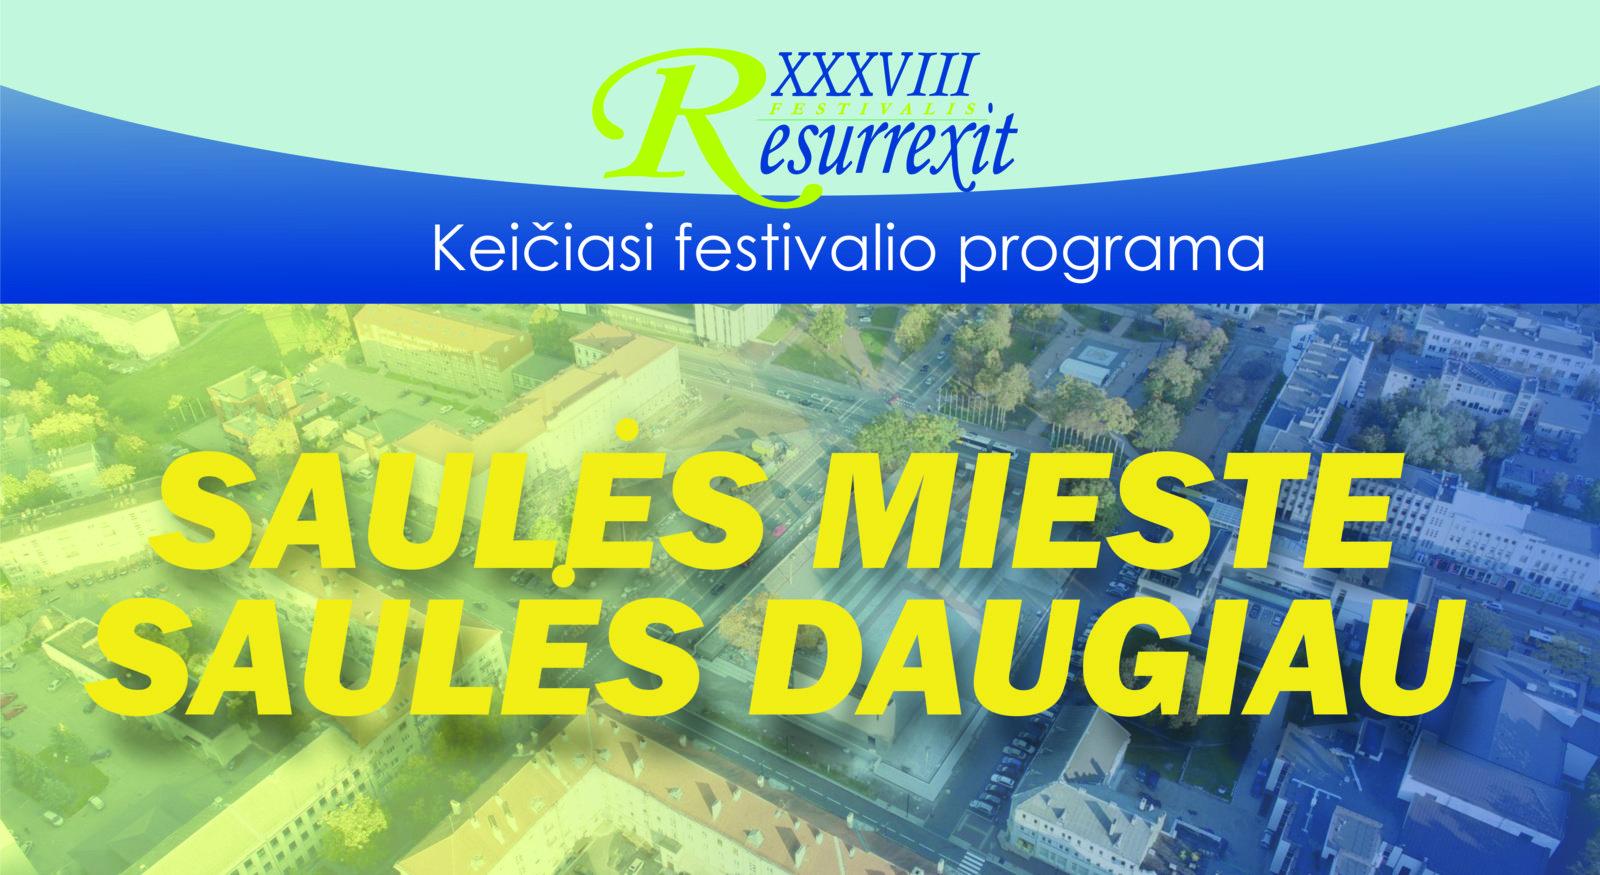 Šiauliuose vykstančio festivalio Resirrexit programa keičiasi